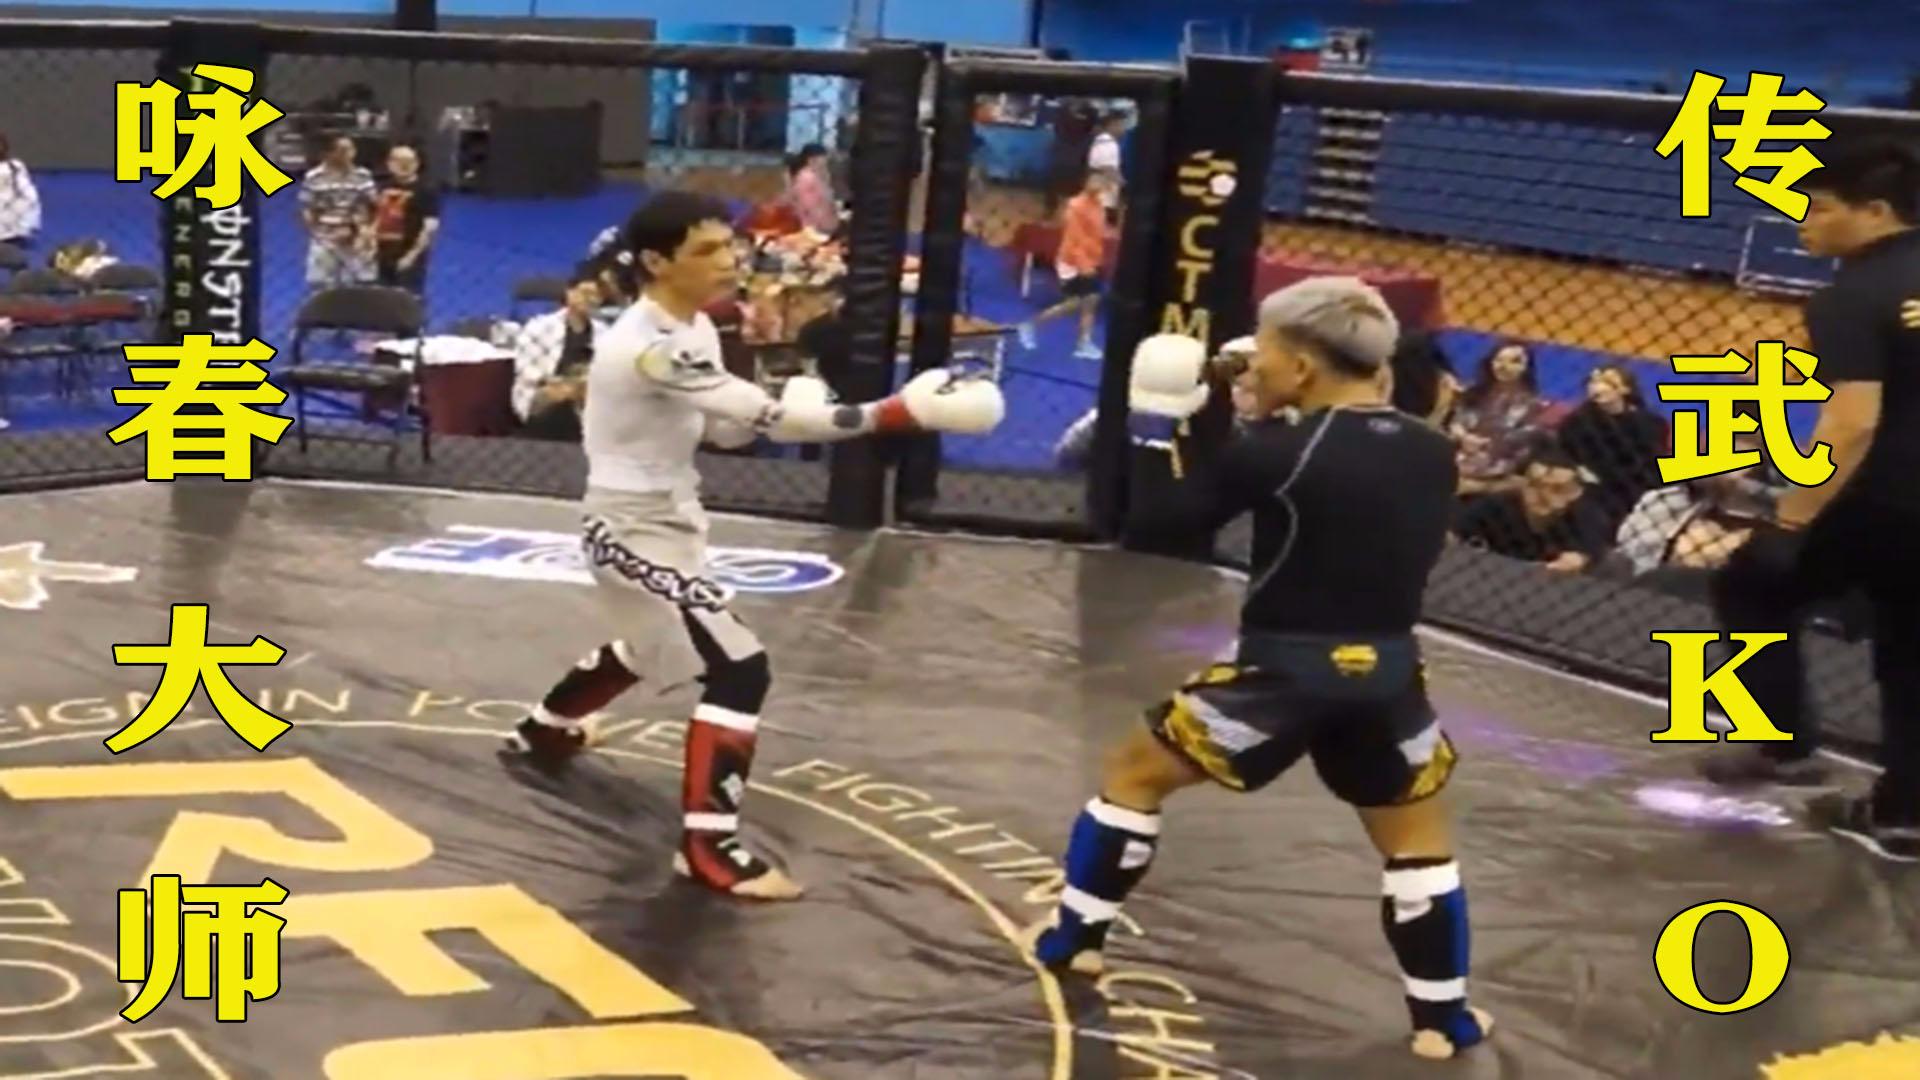 传武终于赢了?搏击高手激怒35岁咏春大师,结果仅78秒就被KO了